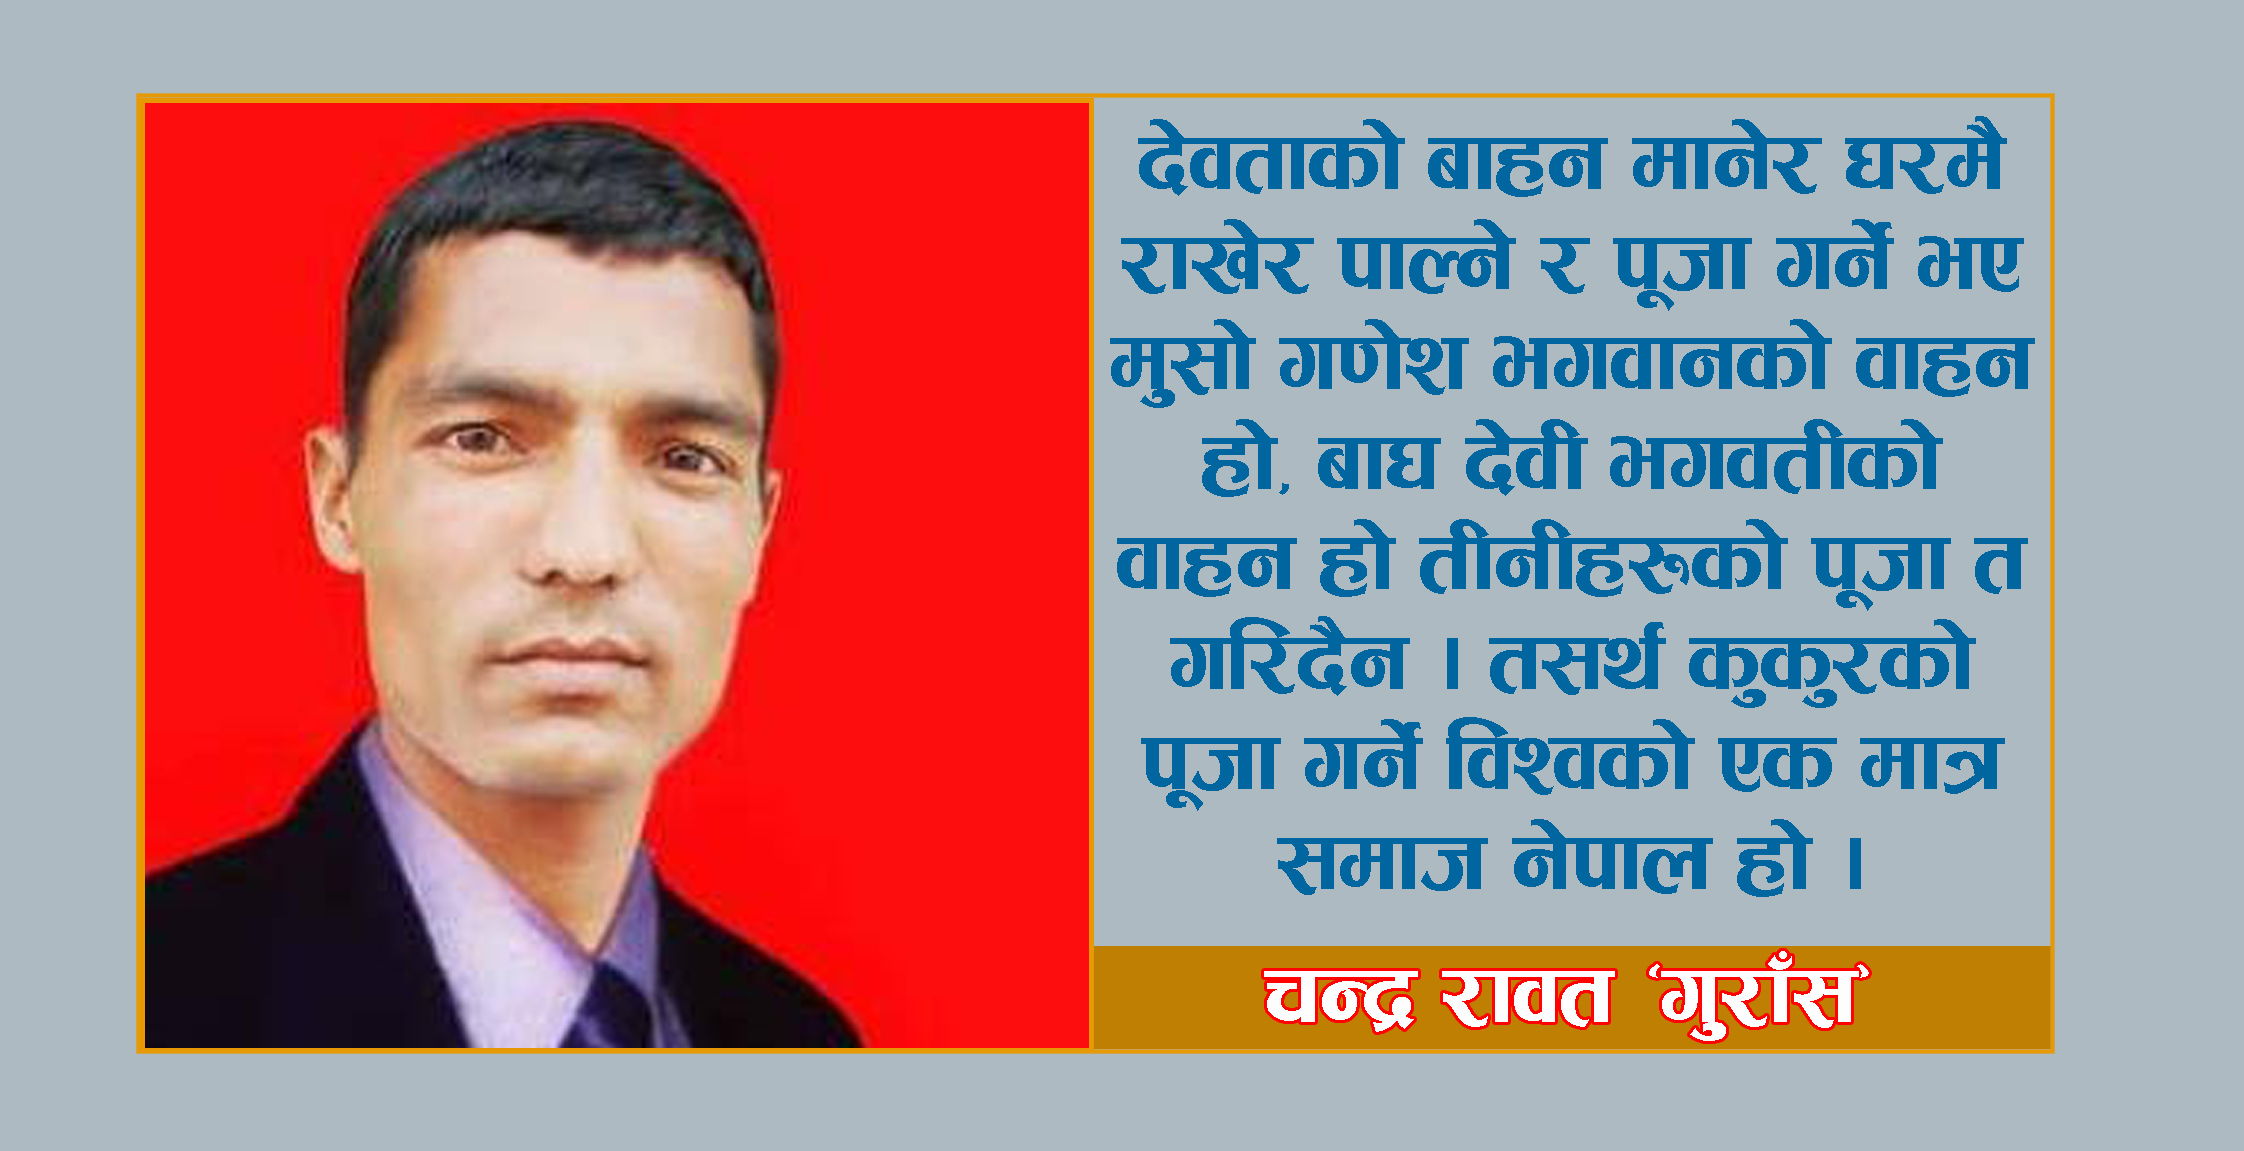 नेपाली मौलिक संस्कृतिमा कुकुर पूजा